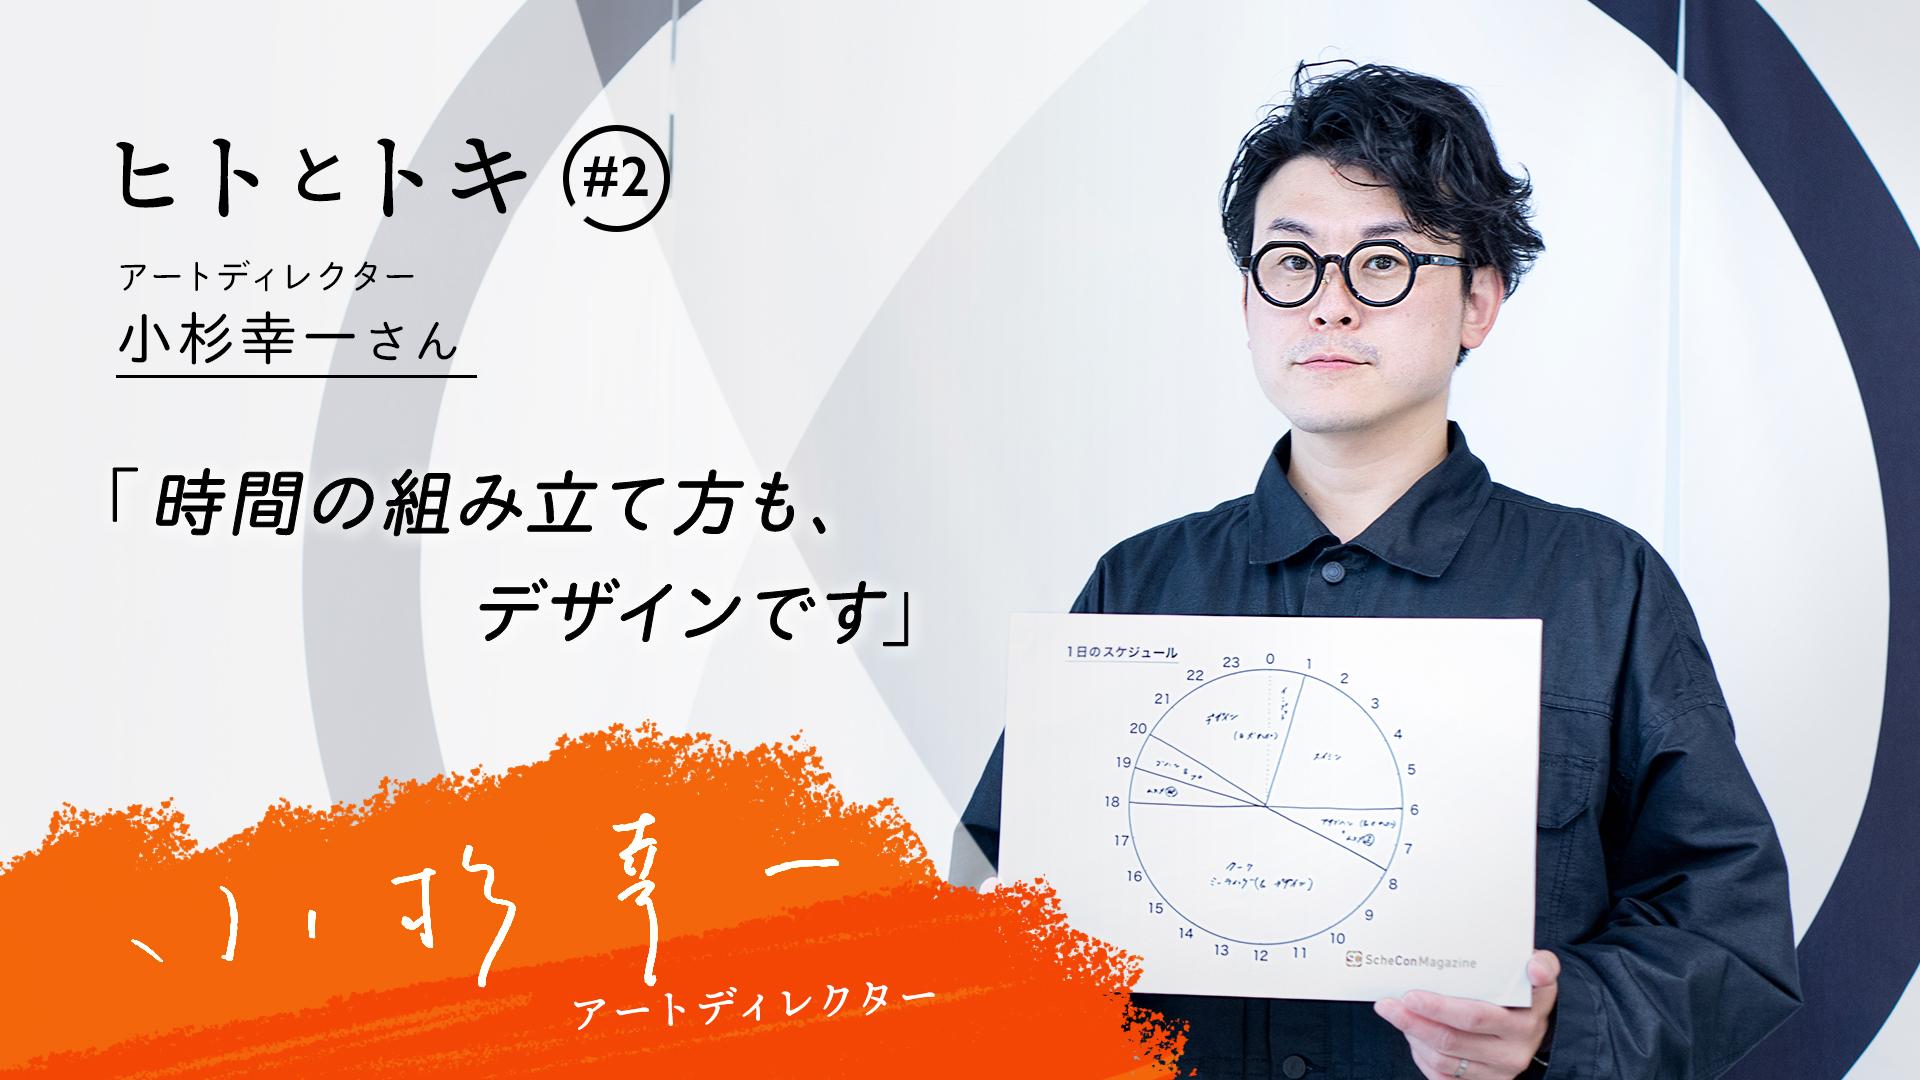 【ヒトとトキ#02】onehappy_小杉幸一さん「時間の組み立て方も、デザインです」